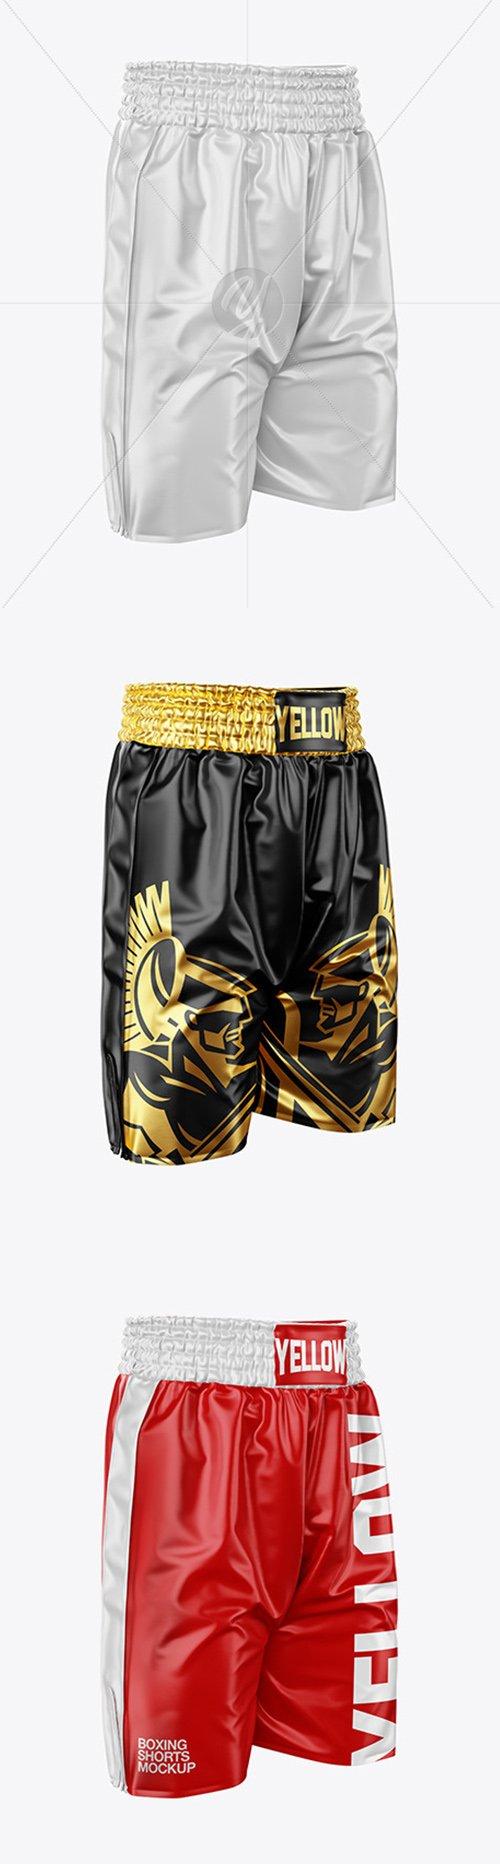 Boxing Shorts Mockup - Half Side View 49720